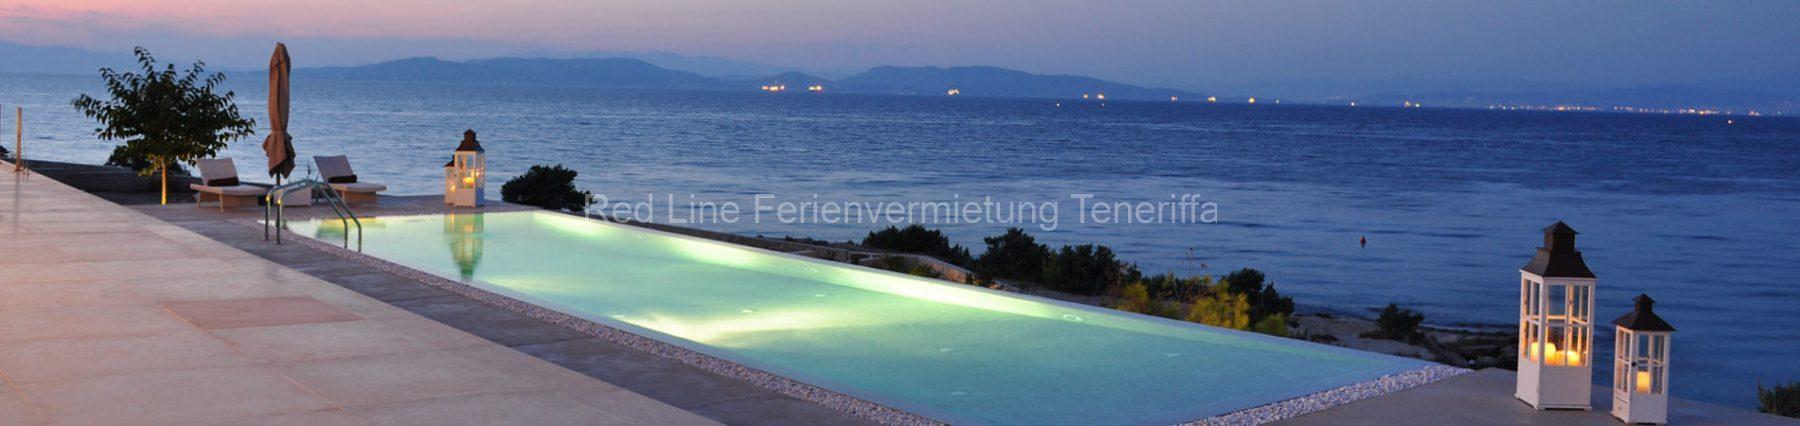 Teneriffa Luxus-Ferienhäuser und Luxus-Ferienwohnungen